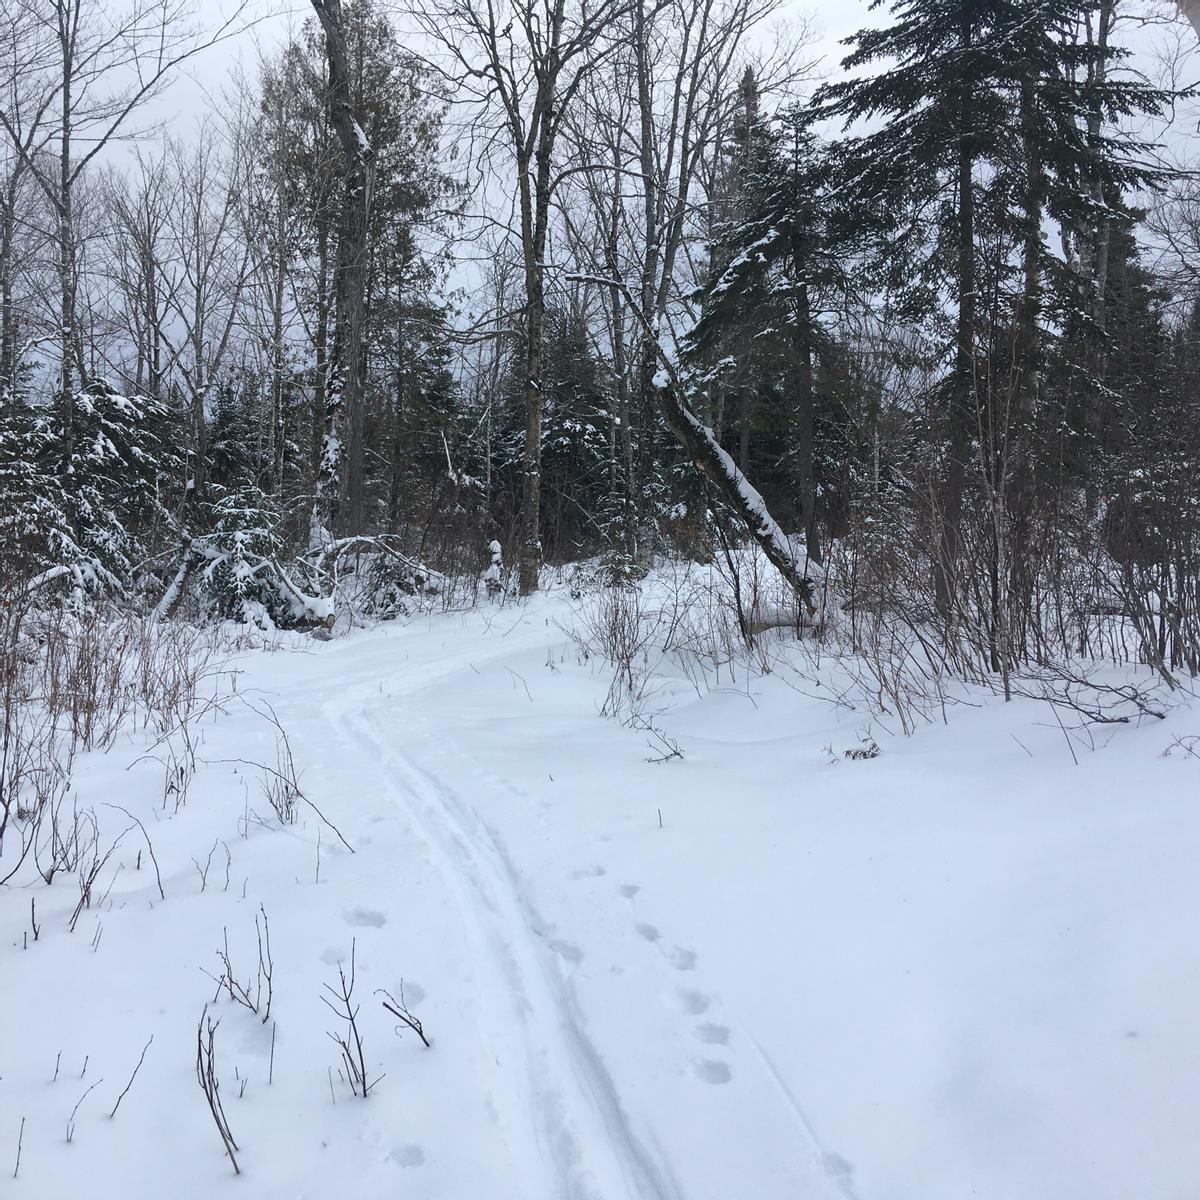 Ski tracks follow a trail in a field